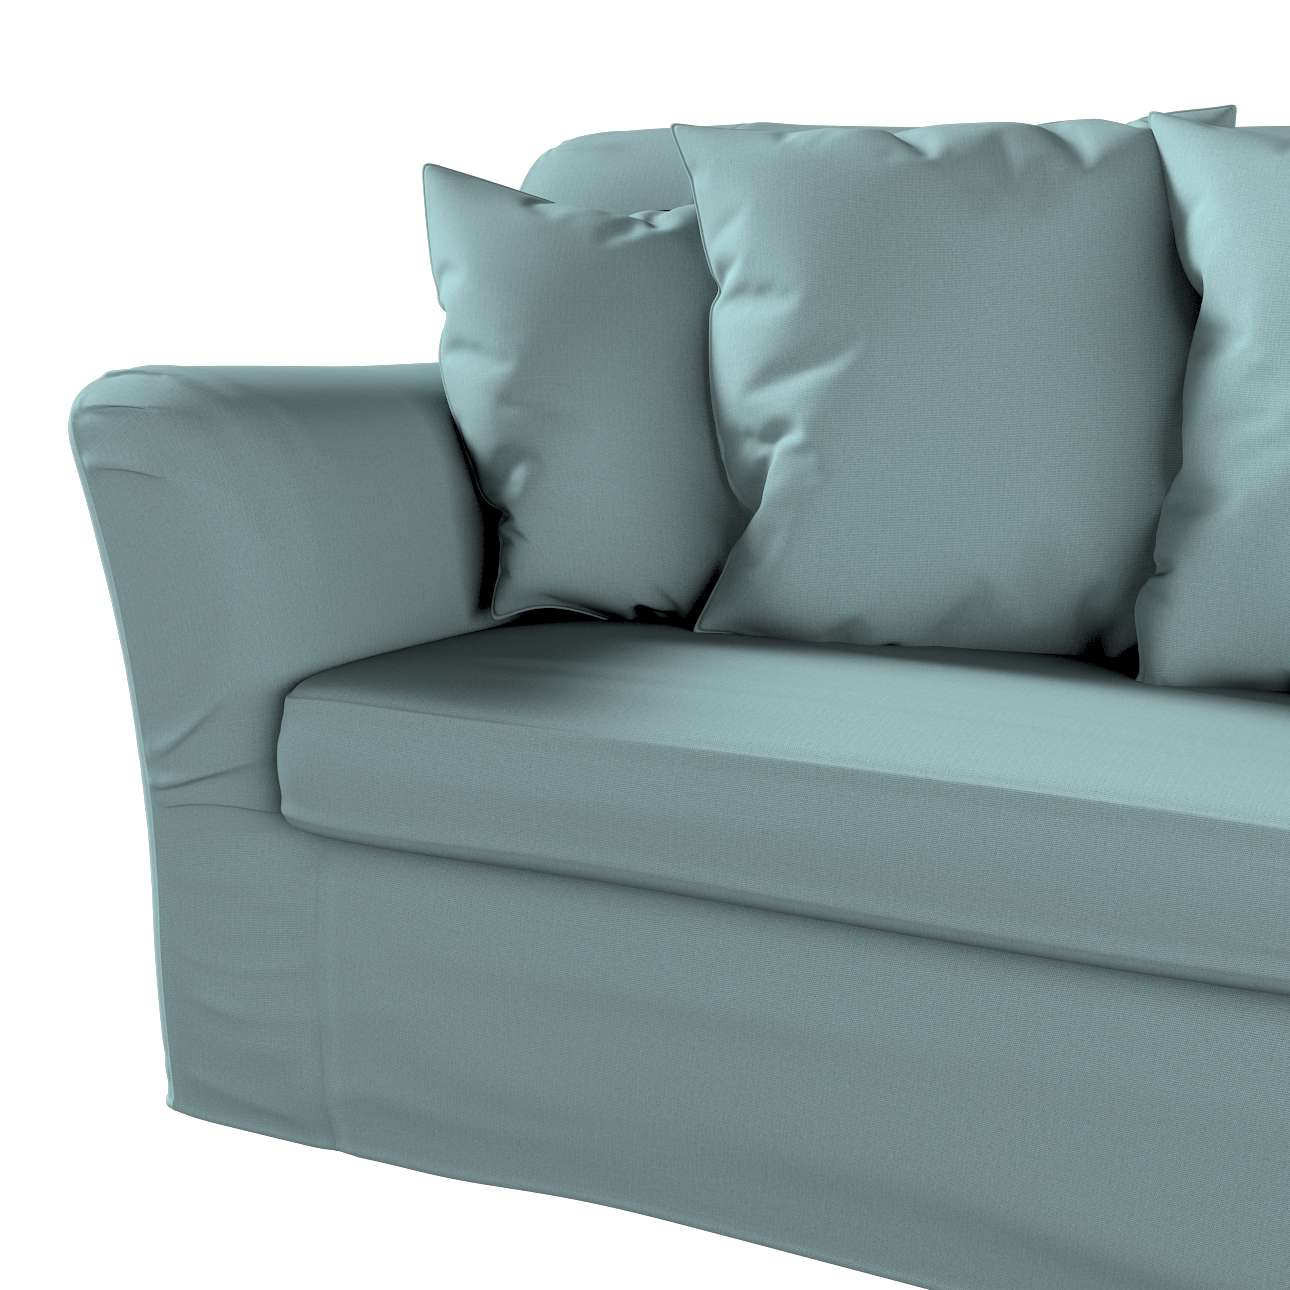 Pokrowiec na sofę Tomelilla 3-osobową rozkładaną w kolekcji Cotton Panama, tkanina: 702-40